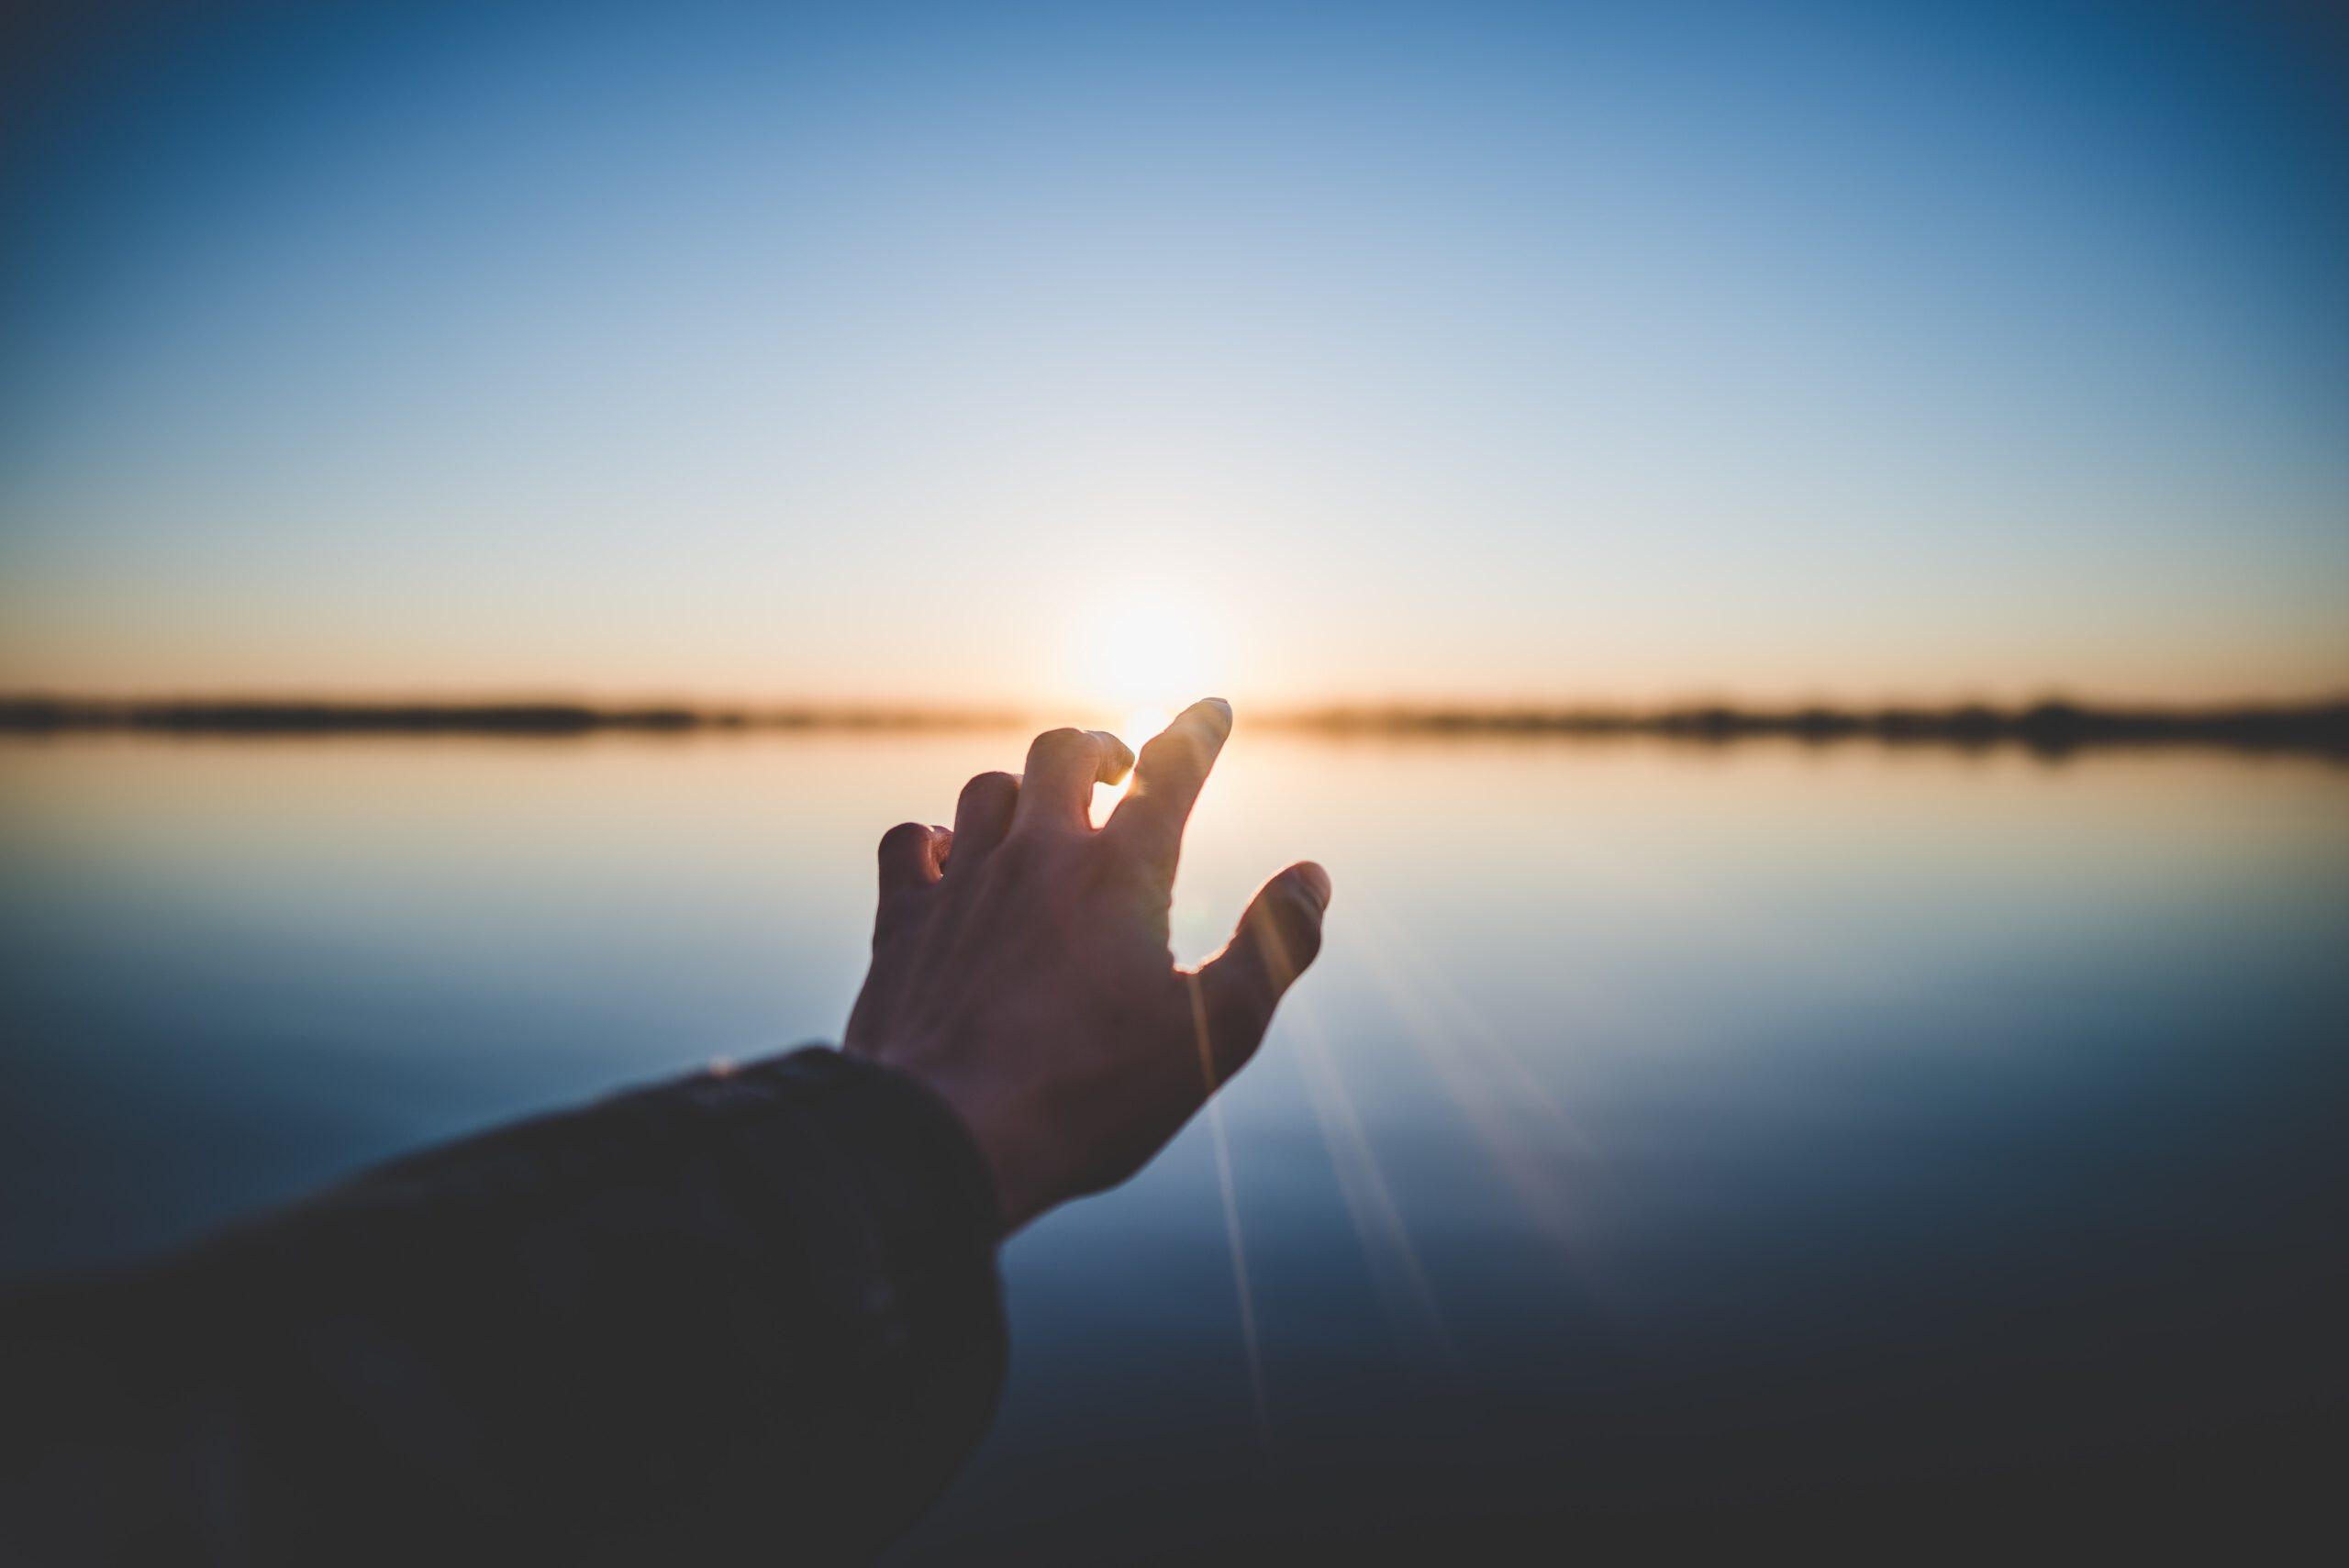 פרשת קורח - תודה לבורא עולם